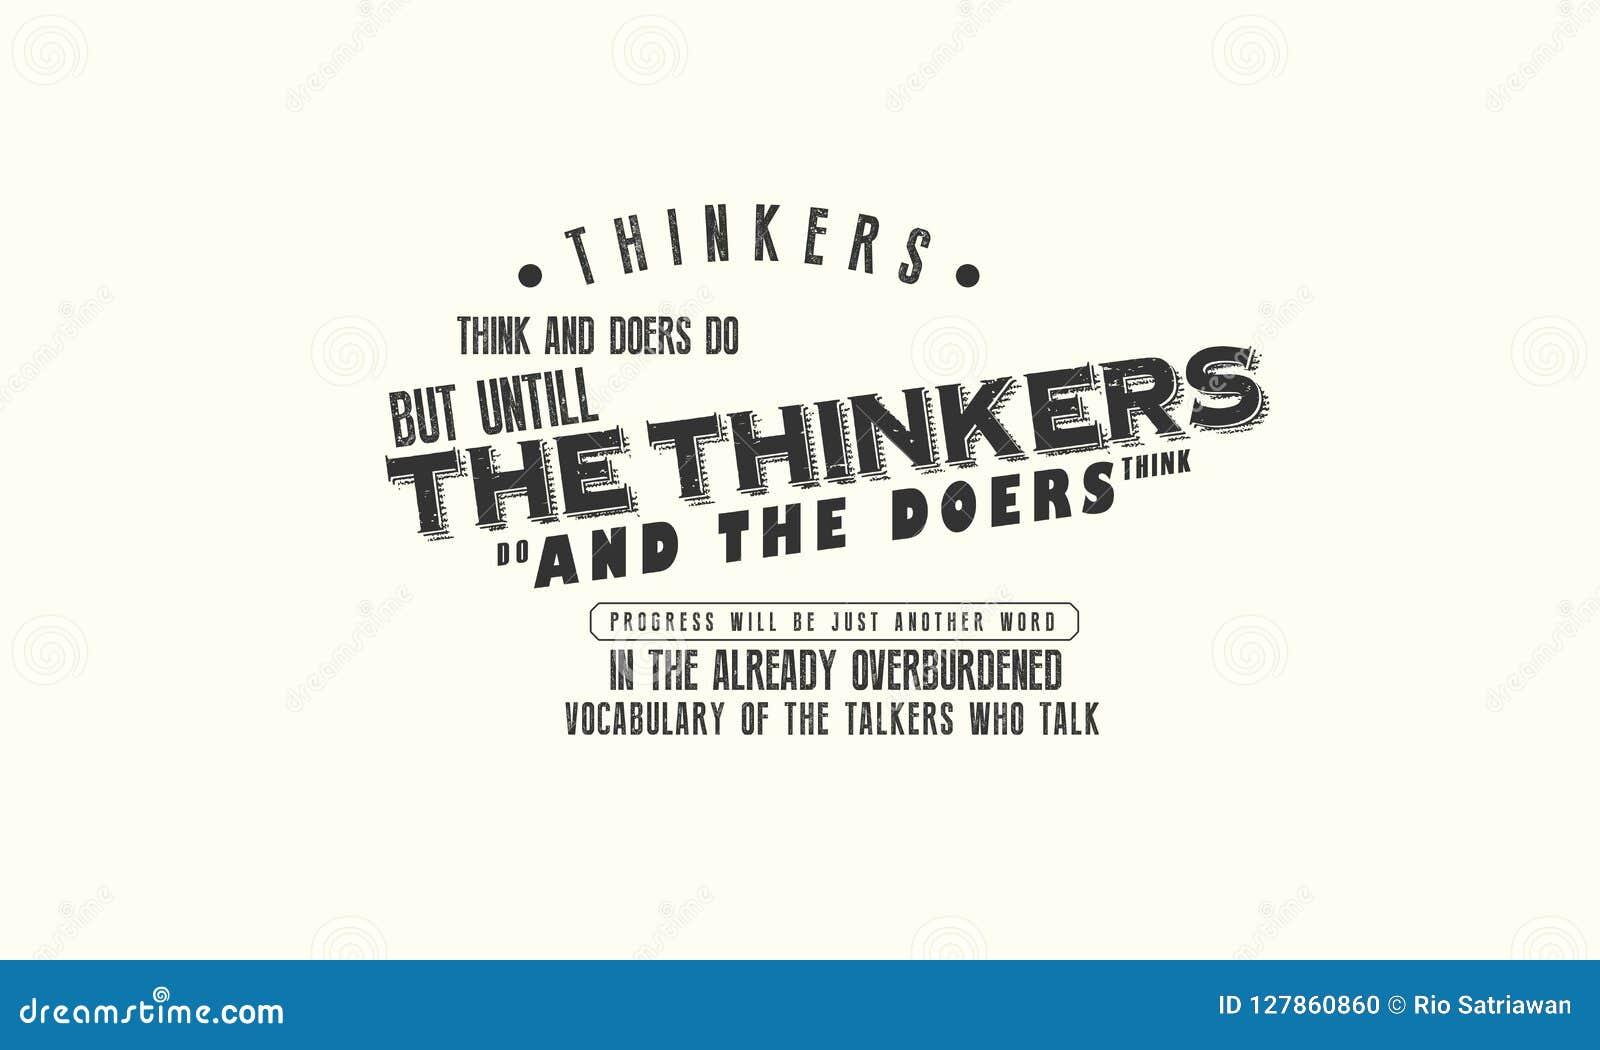 思想家认为,并且实行家 但是,直到思想家做,并且实行家认为